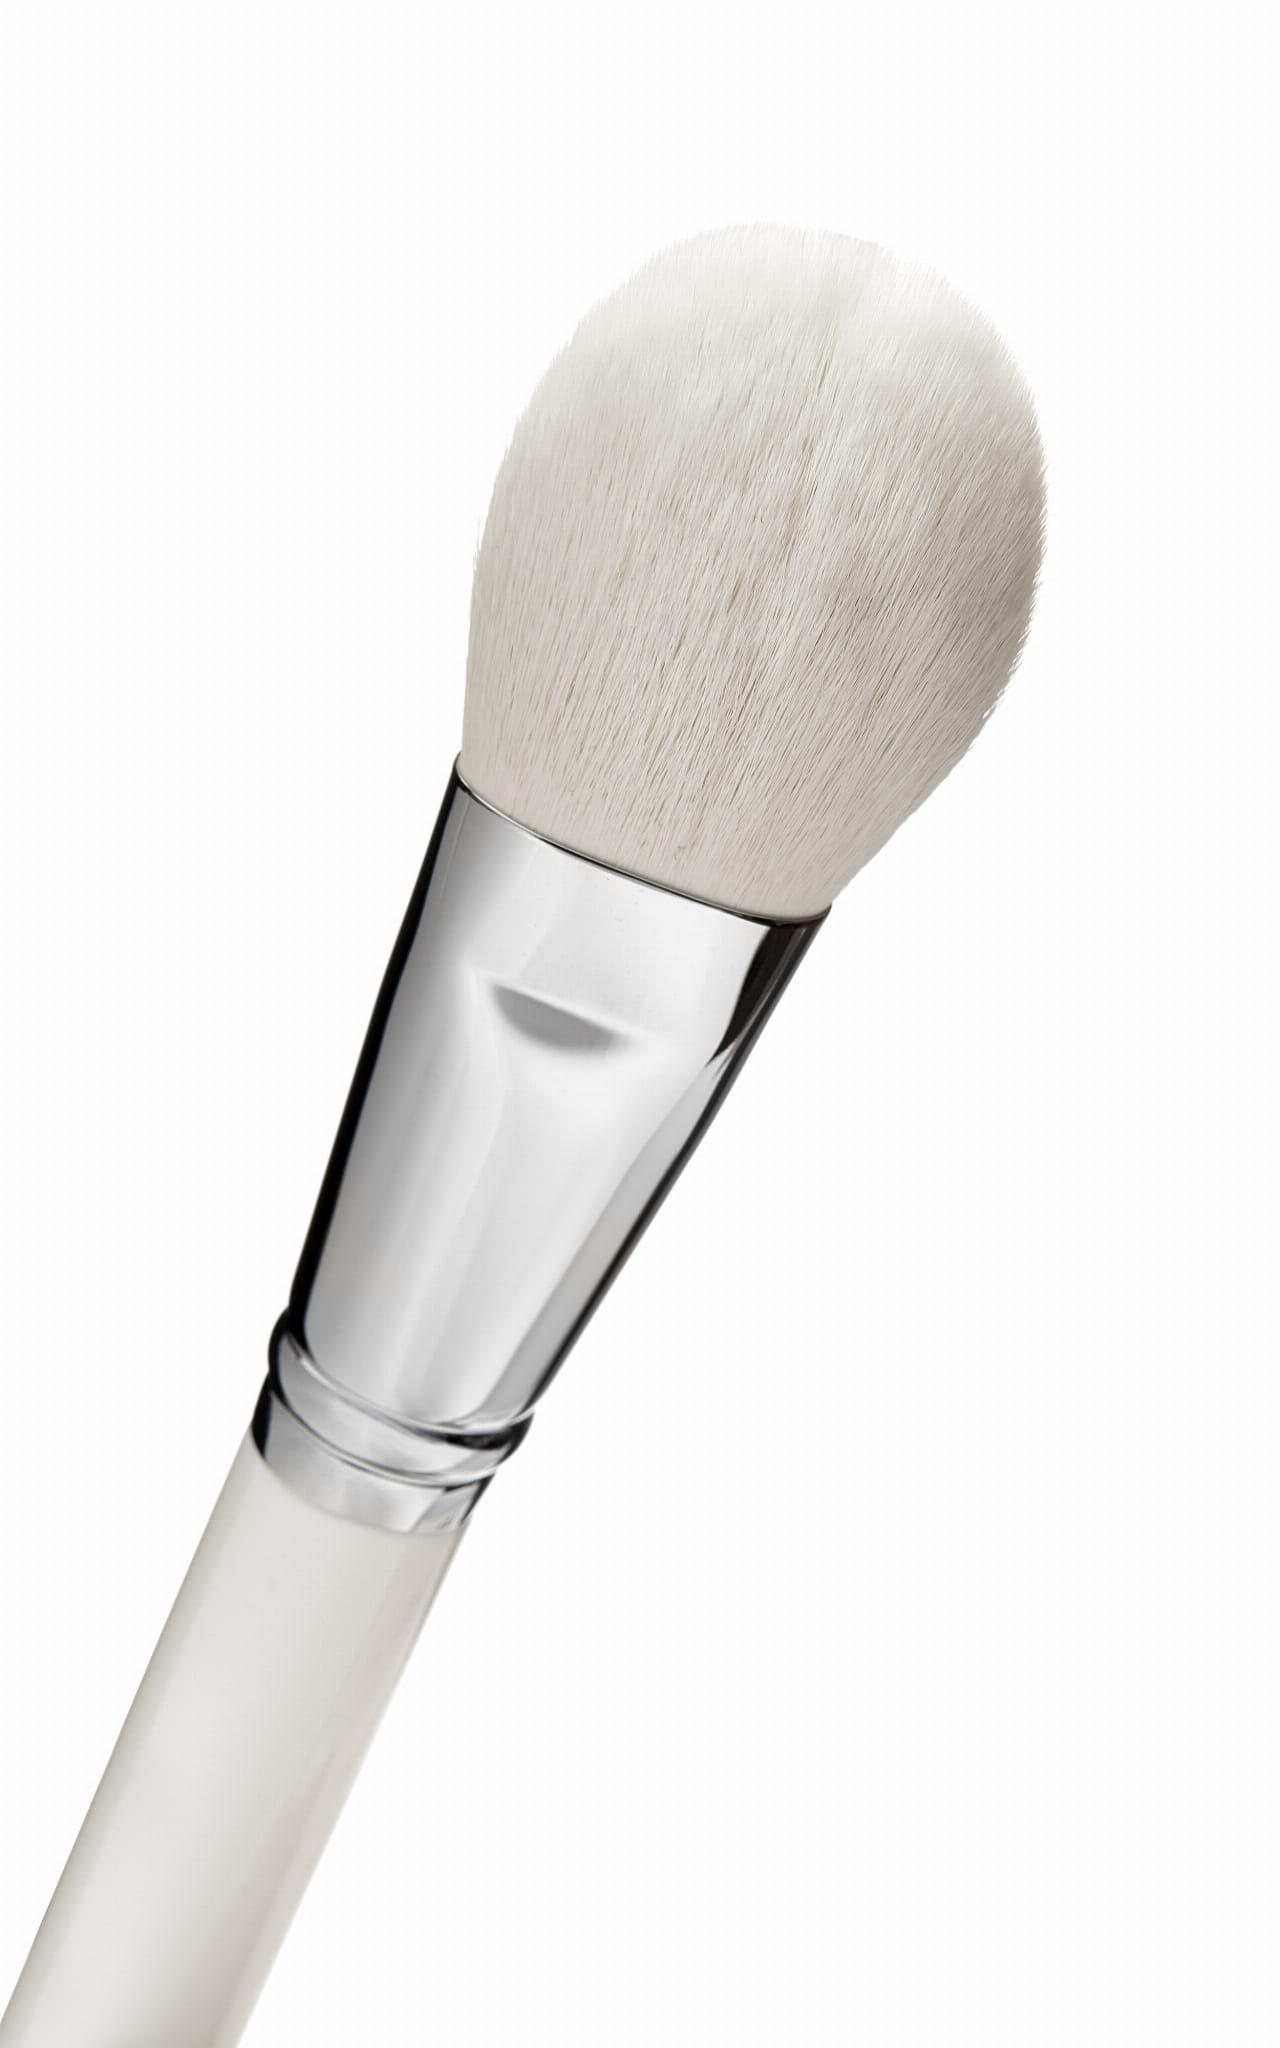 Wegański Pędzel 04 – do różu - IUNO Cosmetics | JestemSlow.pl